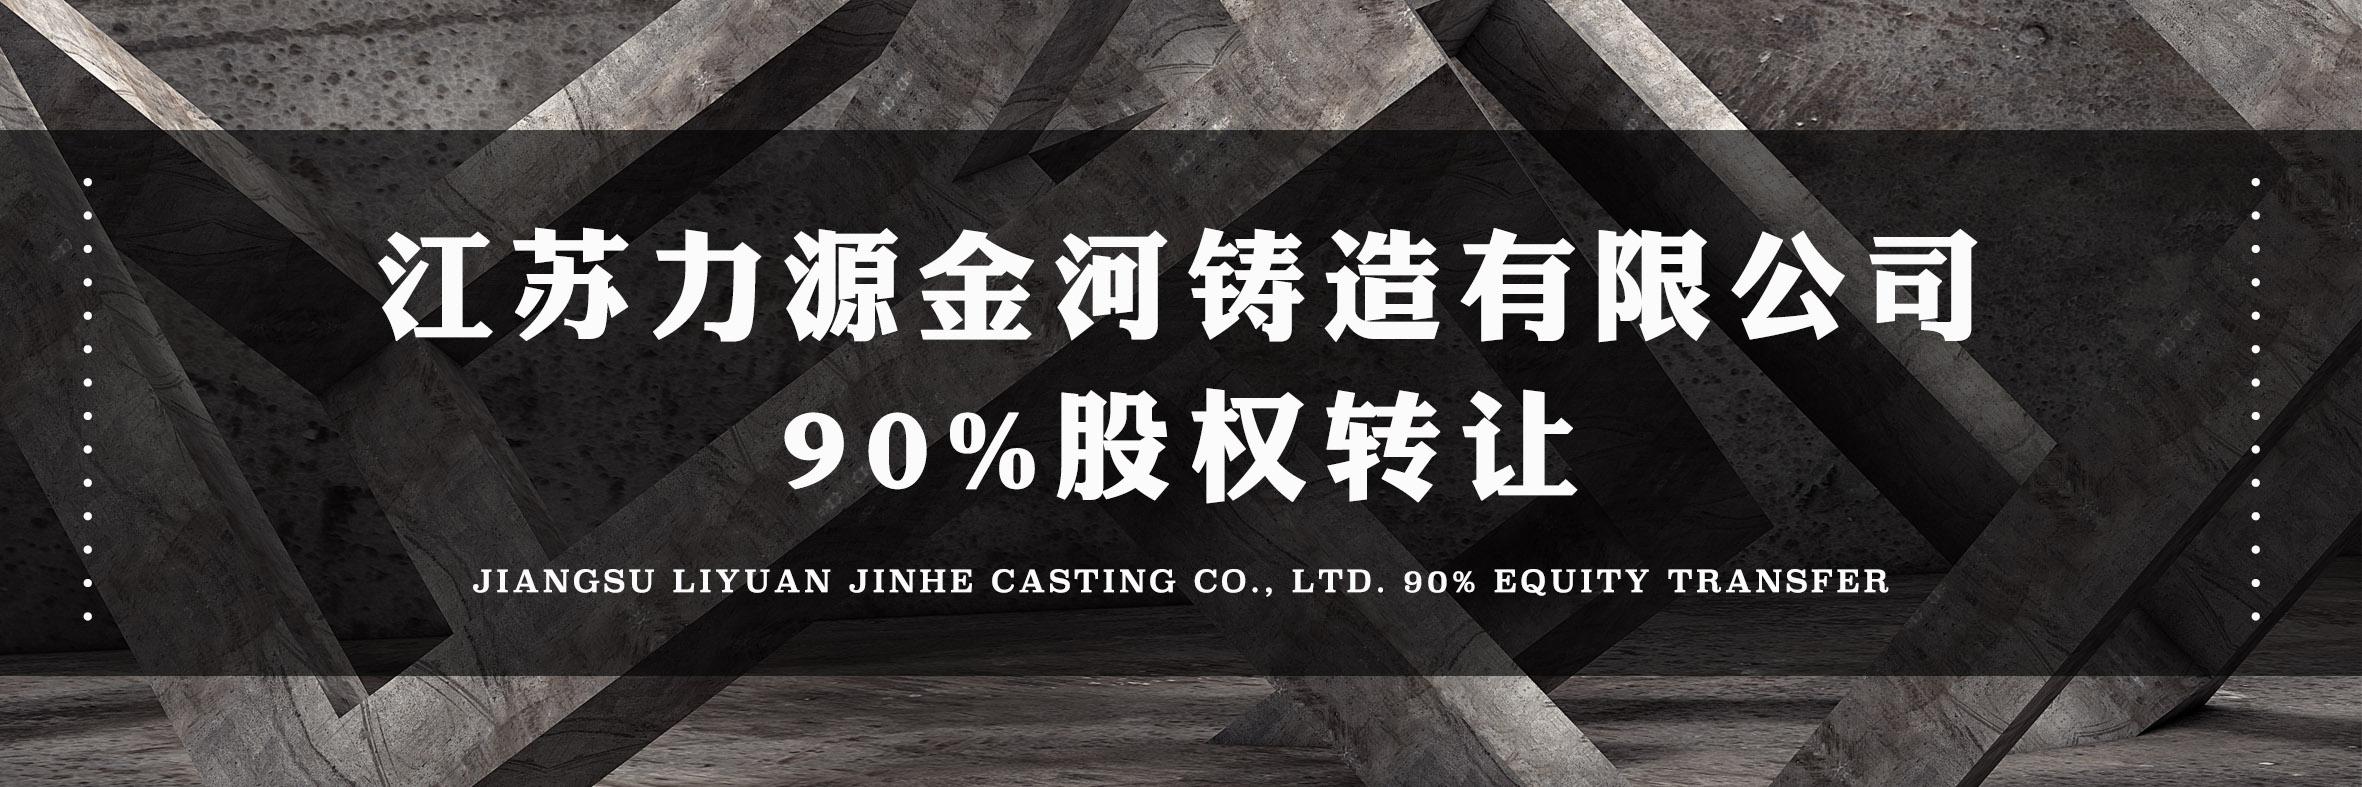 江苏力源金河铸造有限公司90%股权转让